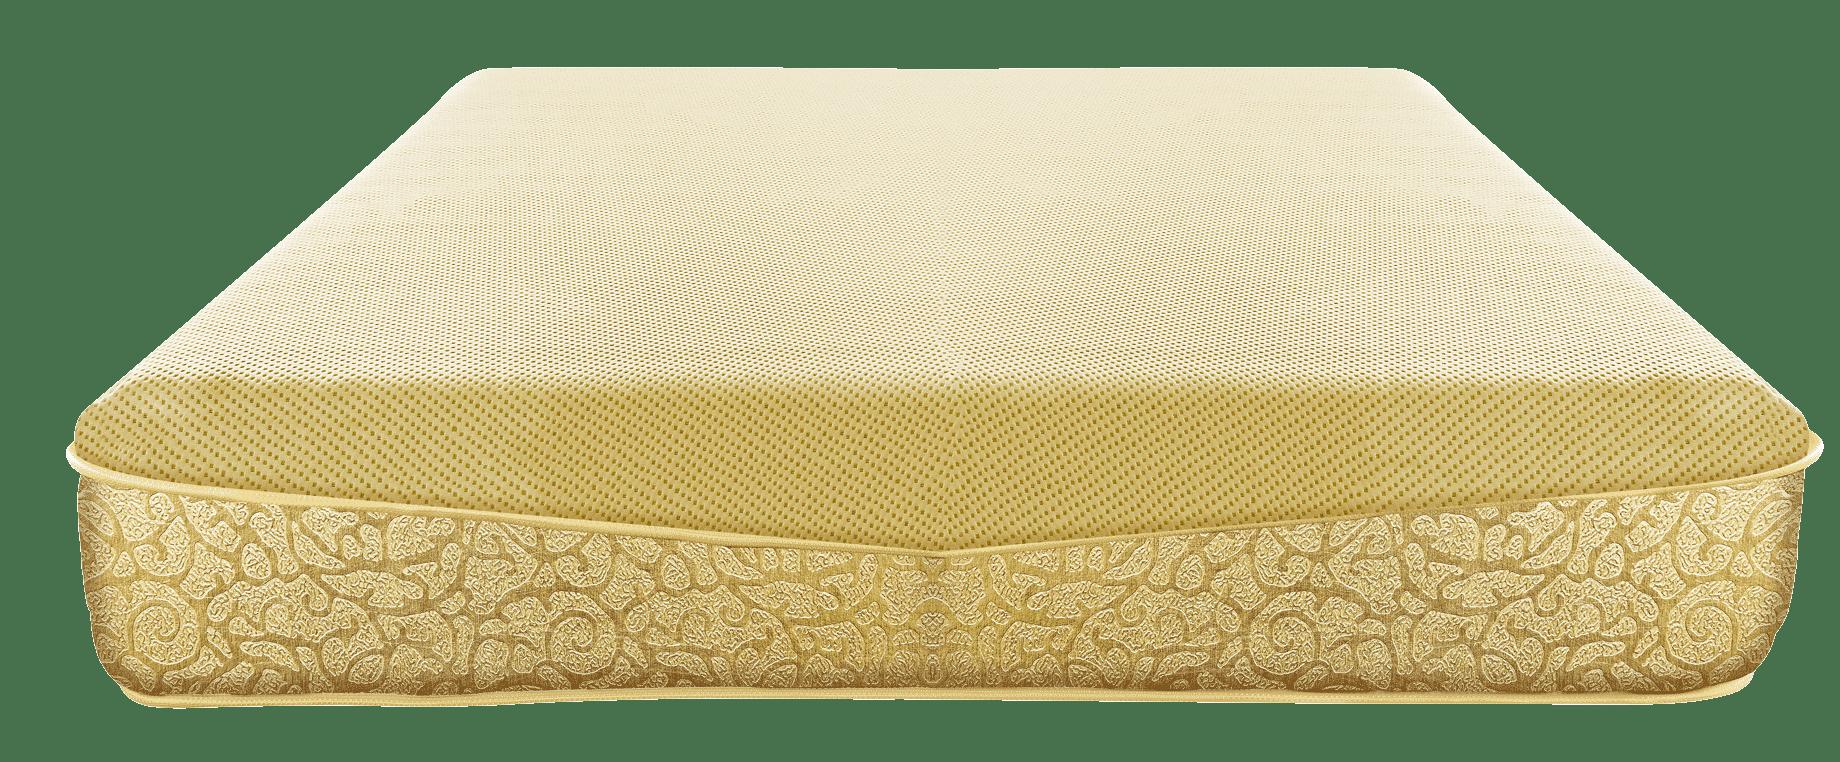 mattress-design-gold